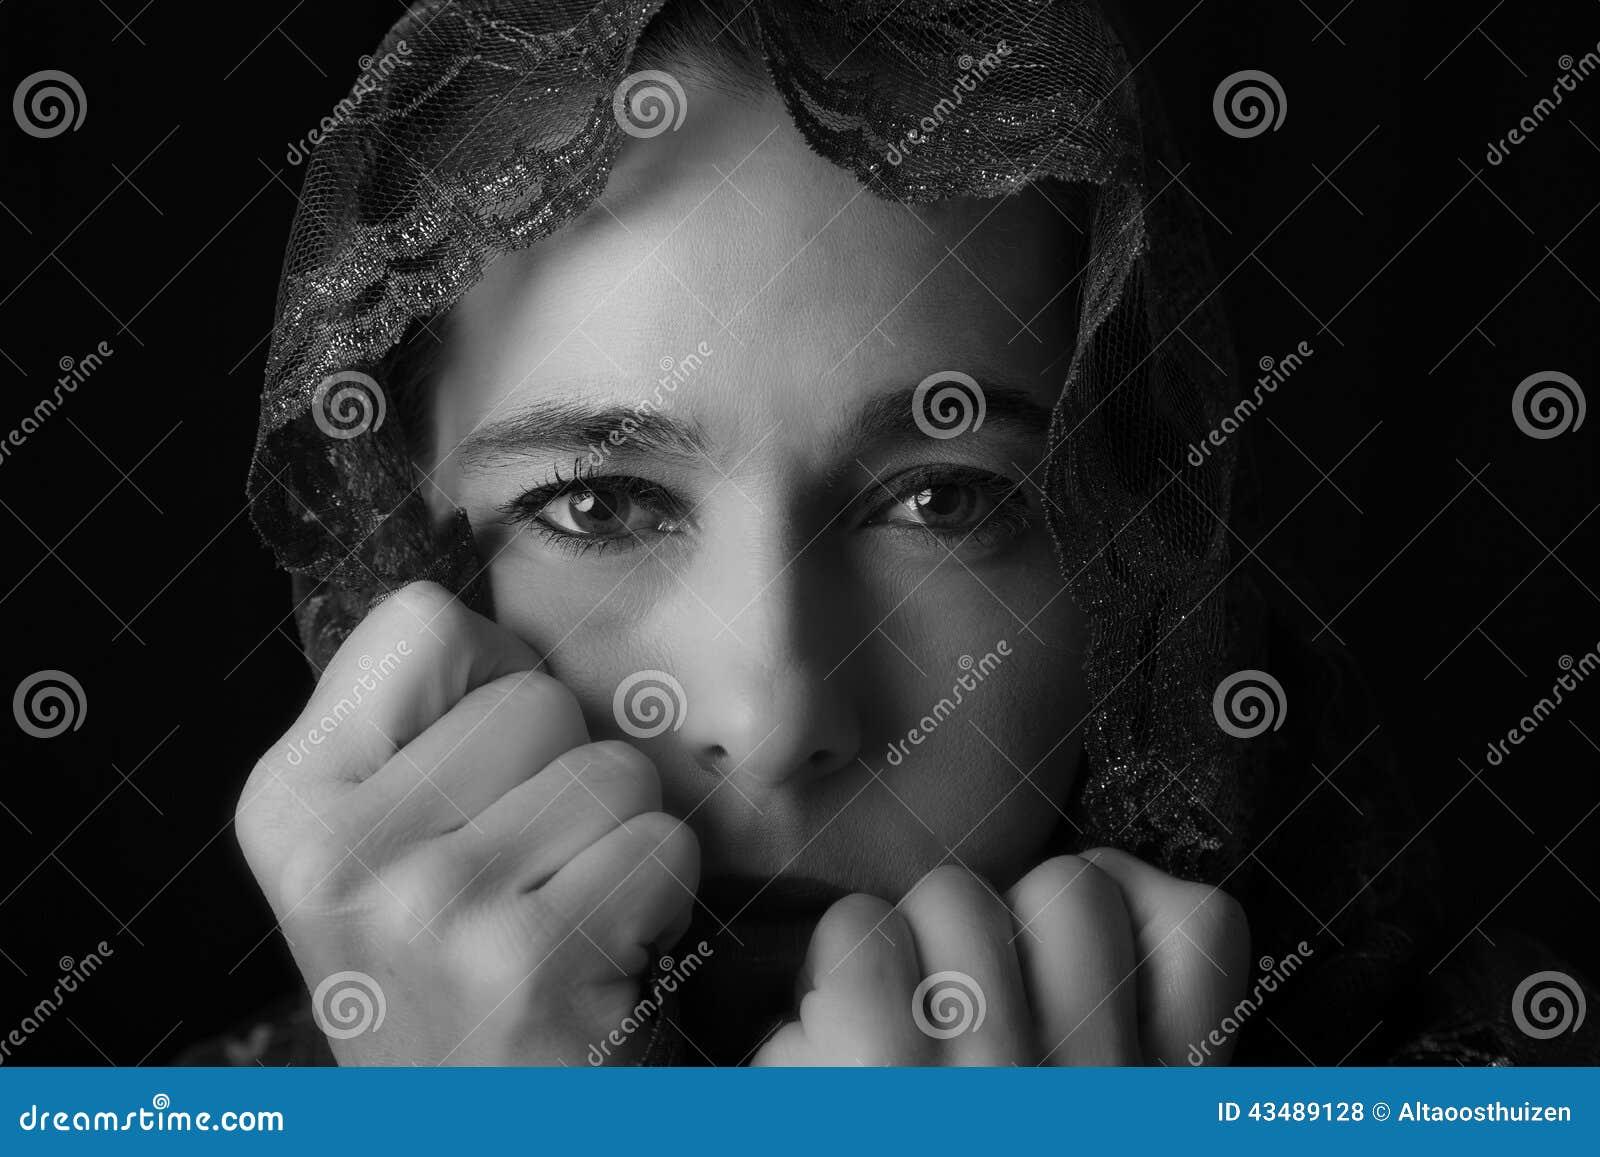 Retrato do Oriente Médio da mulher que olha triste com hijab co artístico